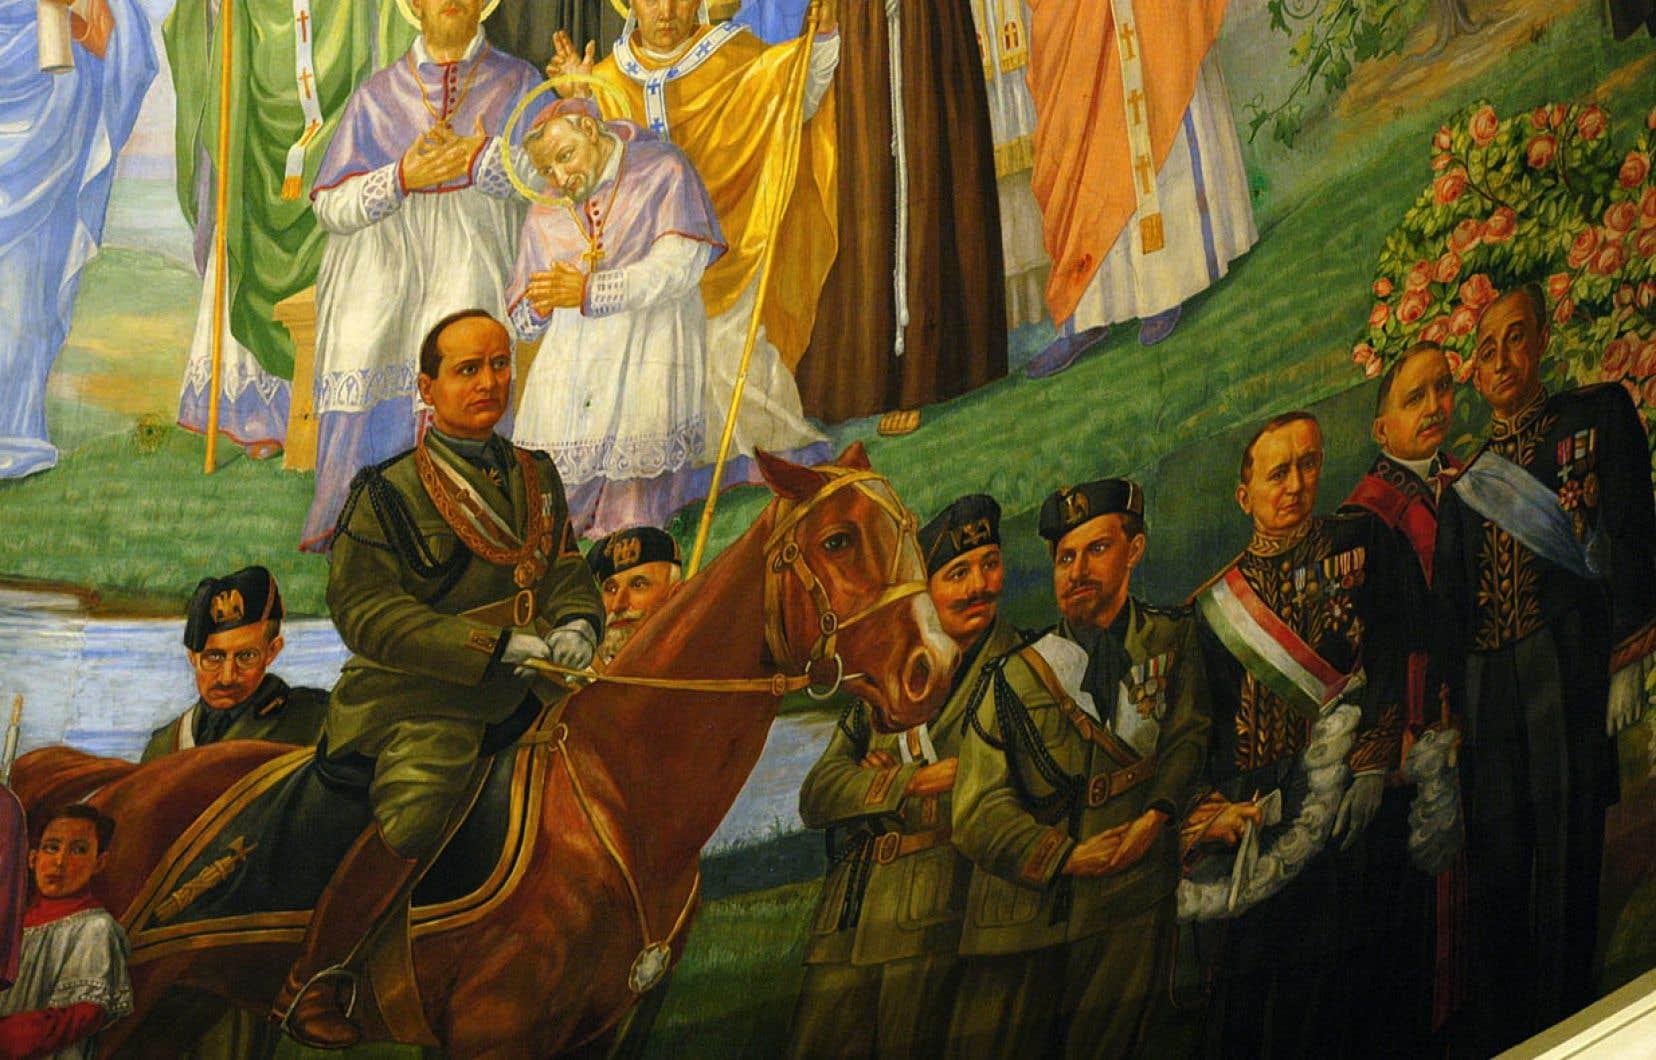 L'œuvre de Guido Nincheri orne, depuis 1931, l'église Notre-Dame-de-la-Défense. À l'époque, «les idées du fascisme trouv[aient] aussi des adeptes à Montréal à cause de l'influence des associations, des journaux et de l'Église catholique», indiquent les signataires d'une pétition demandant la recontextualisation de la fresque.